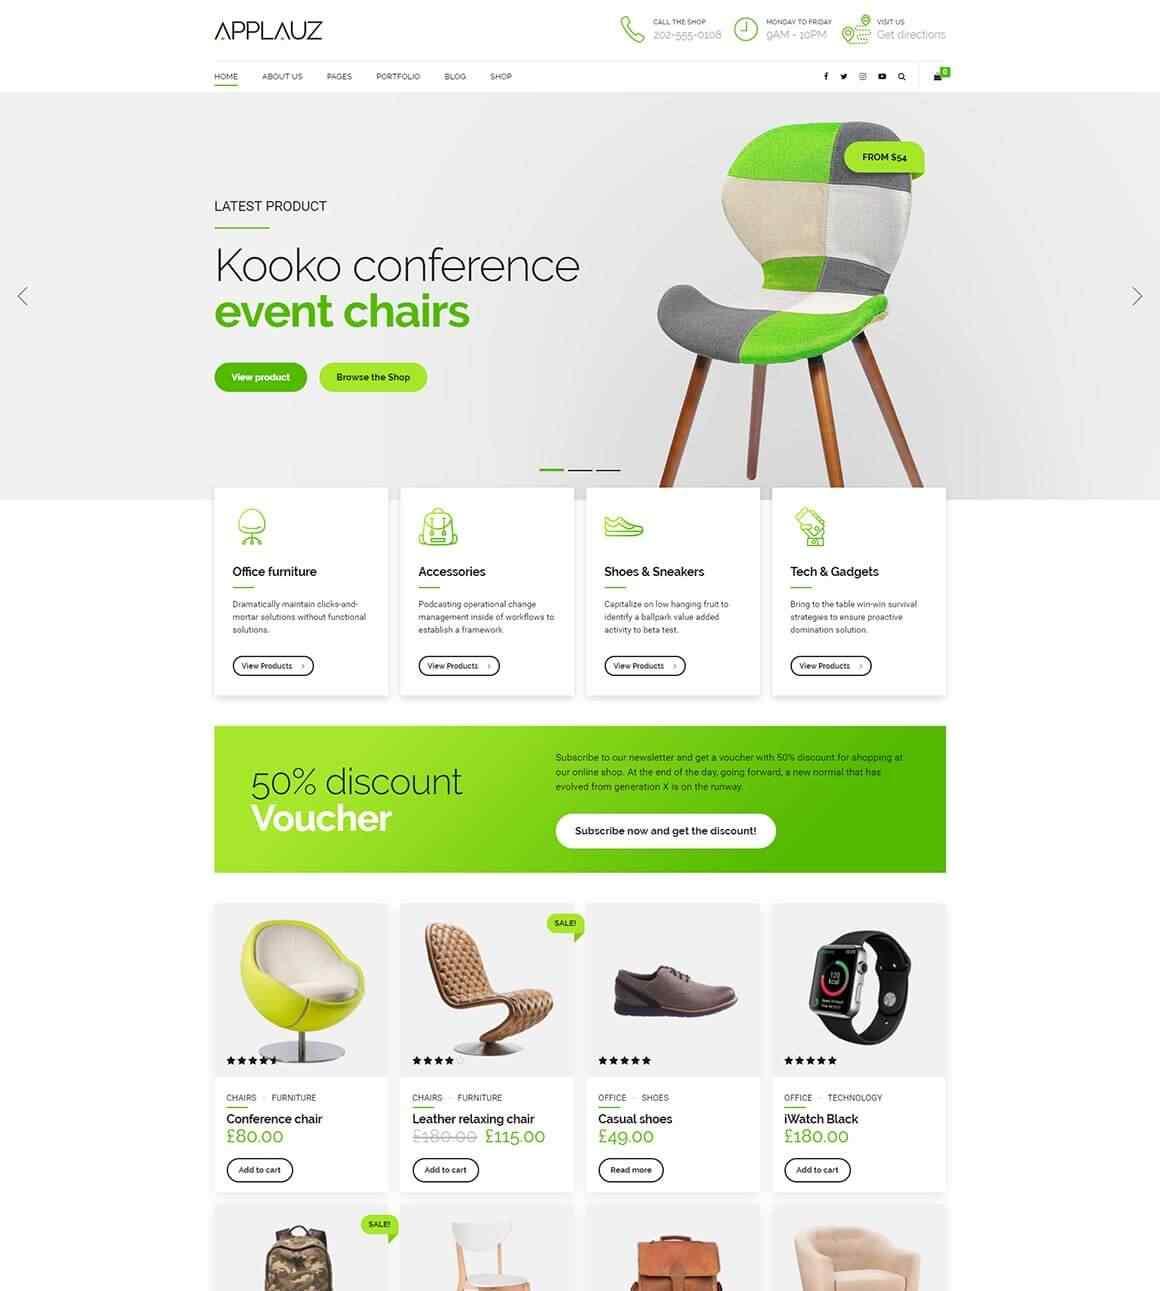 https://www.aktekcr.com/wp-content/uploads/2017/11/Screenshot-Shop.jpg